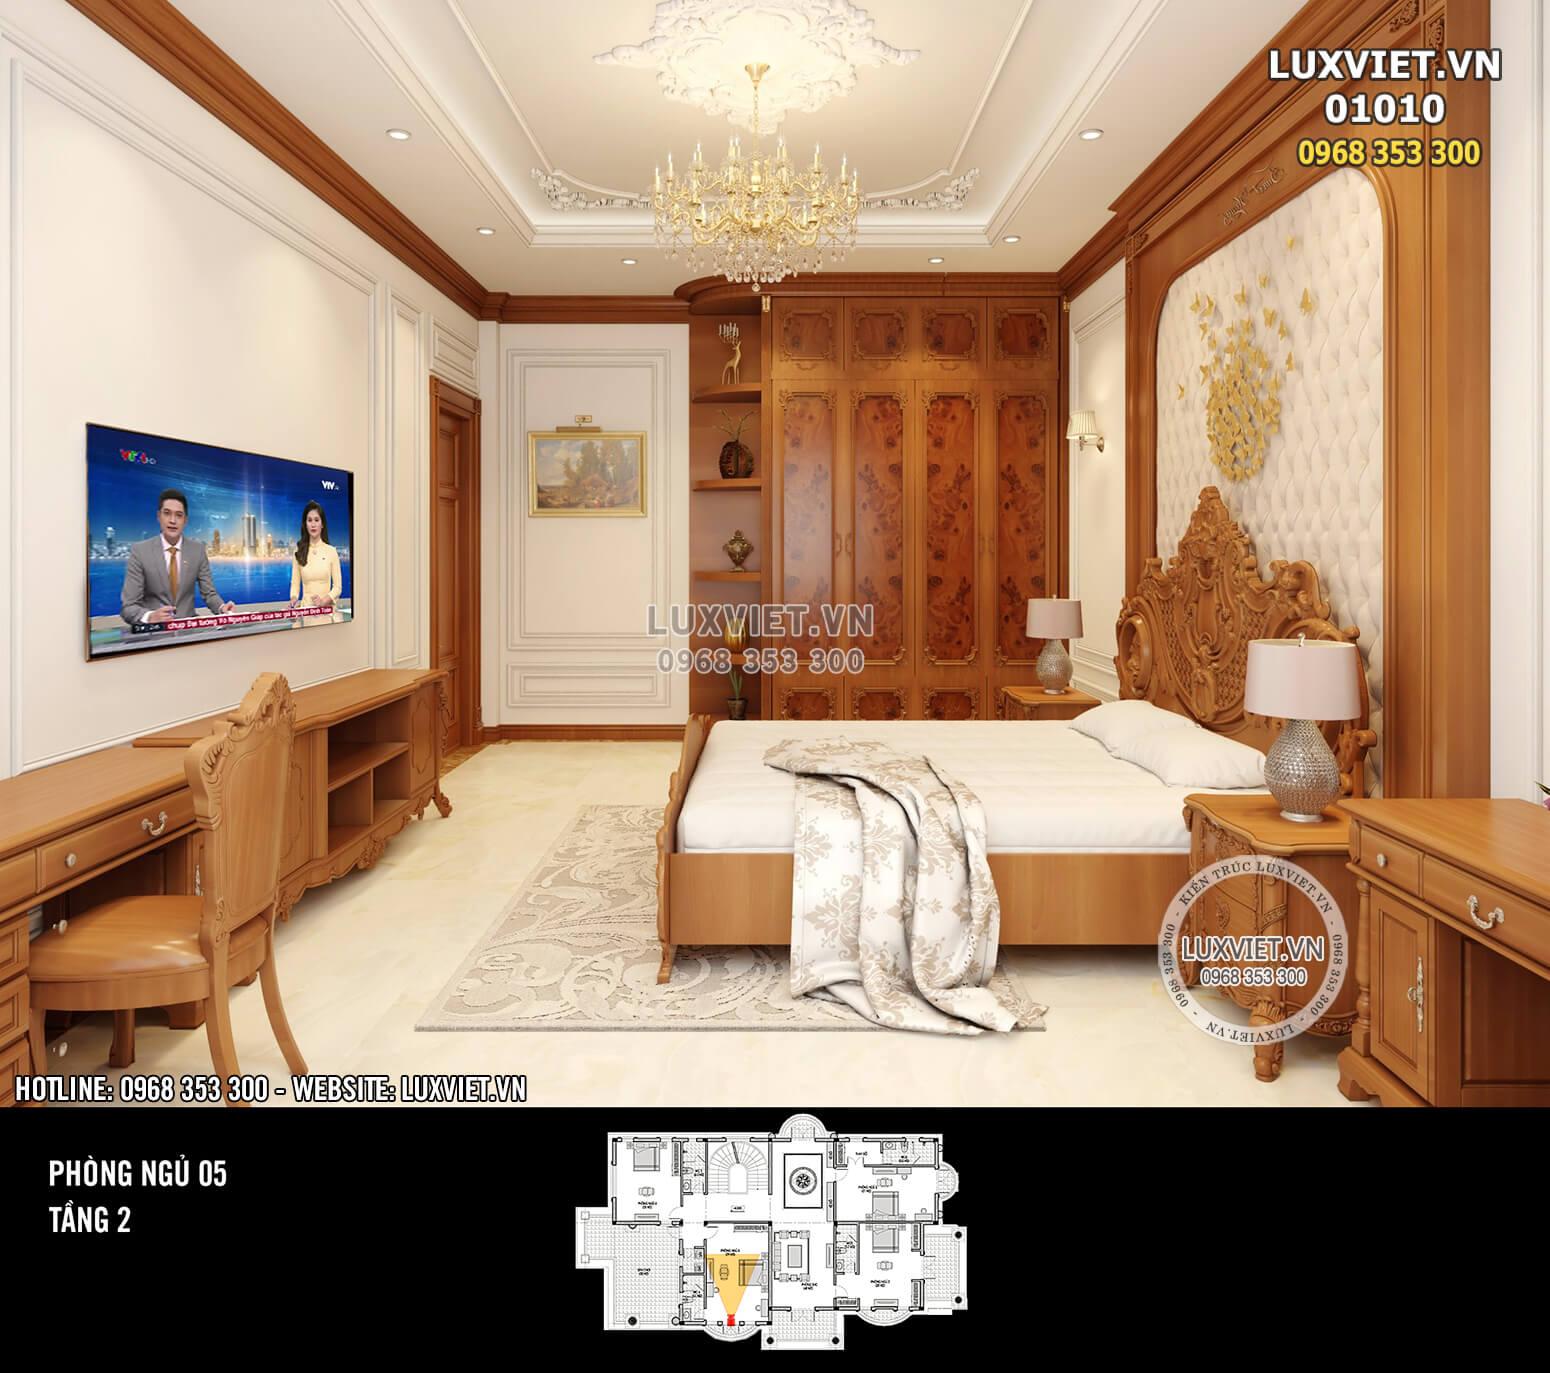 Hình ảnh: Thiết kế nội thất tân cổ điển - LV 01010